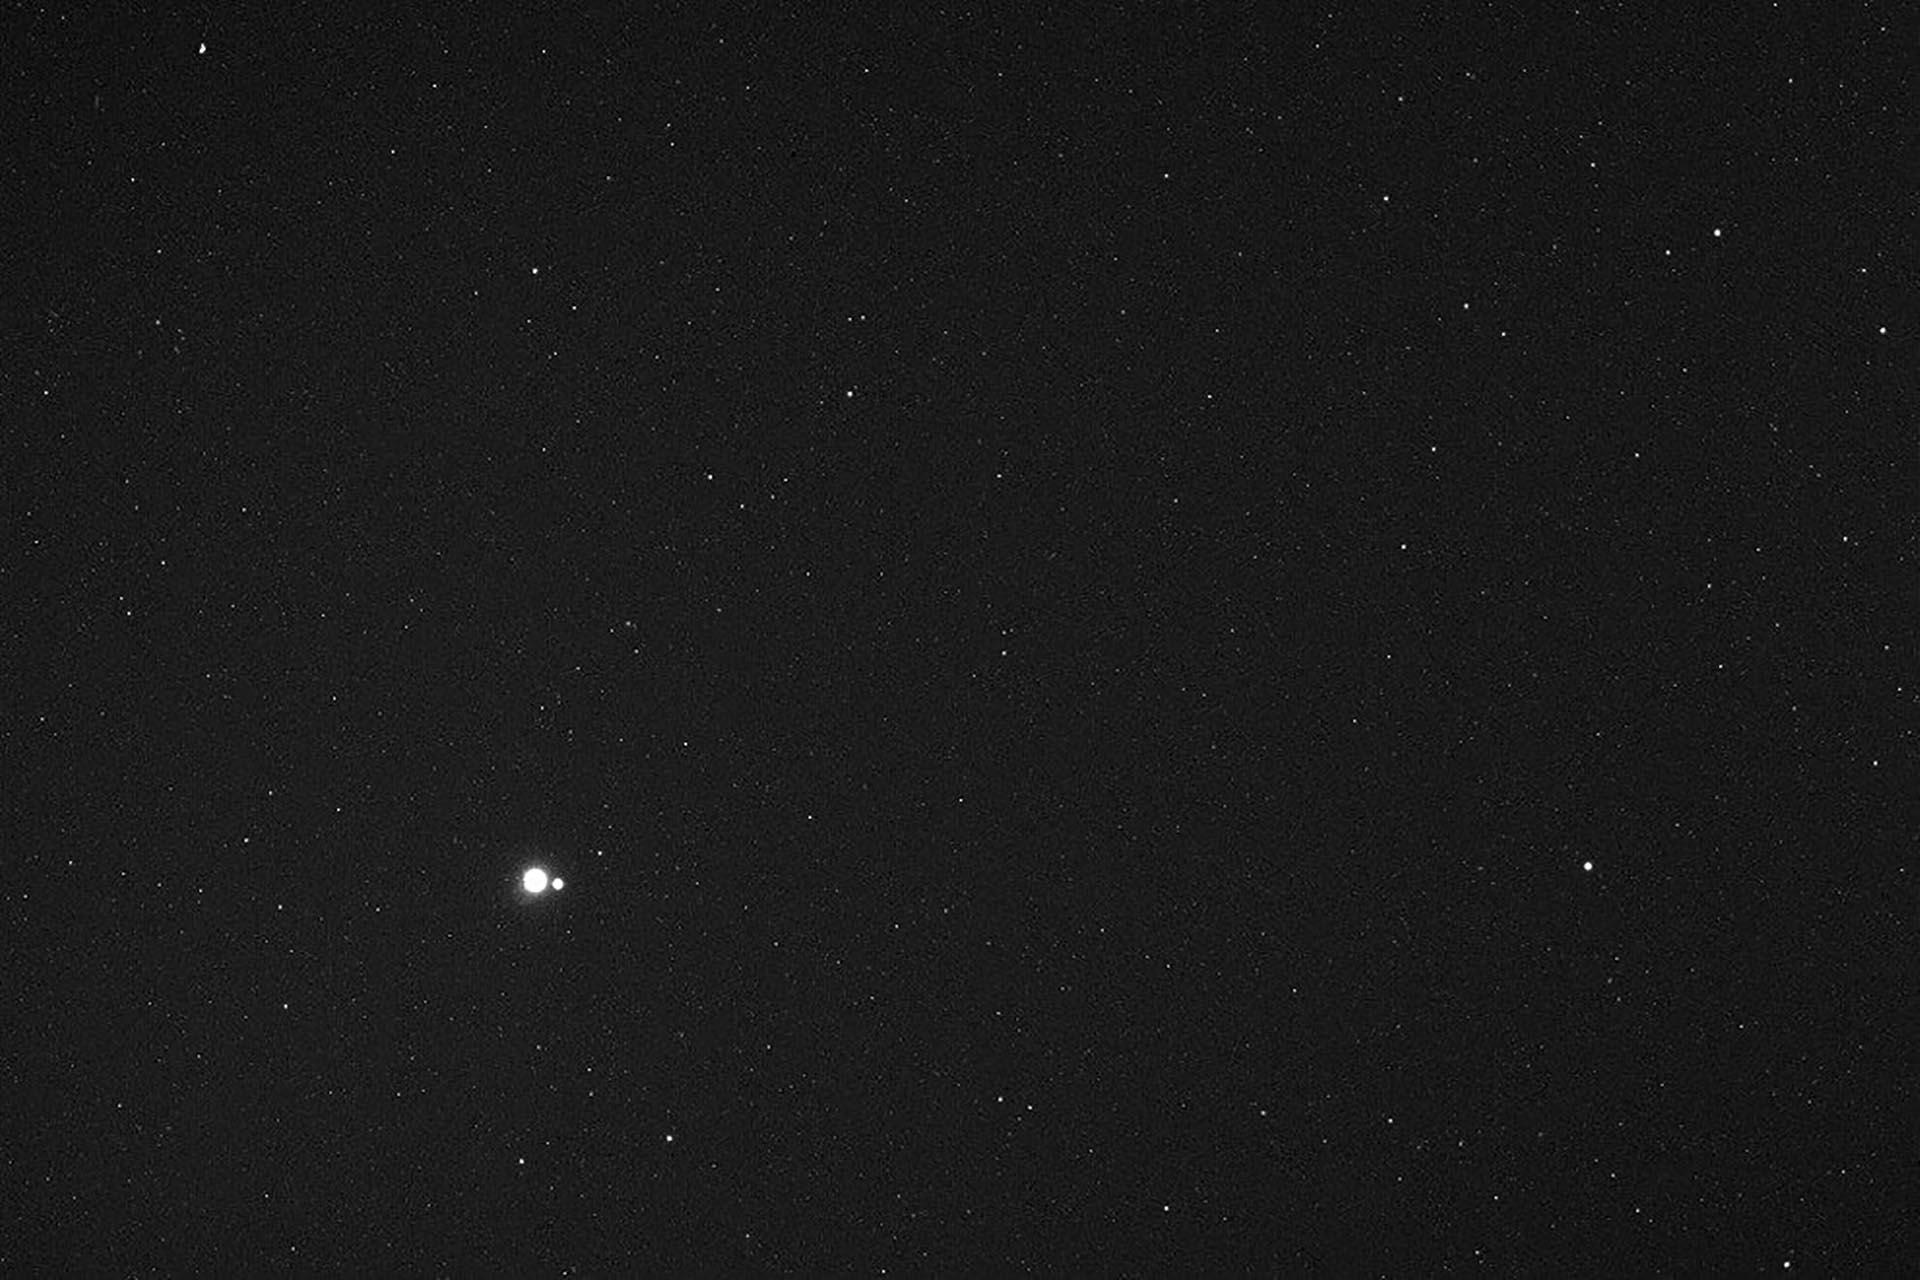 La nave espacial Messenger de la NASA tomó esta fotografía de la Tierra y la Luna a unos 183 millones de kilómetros